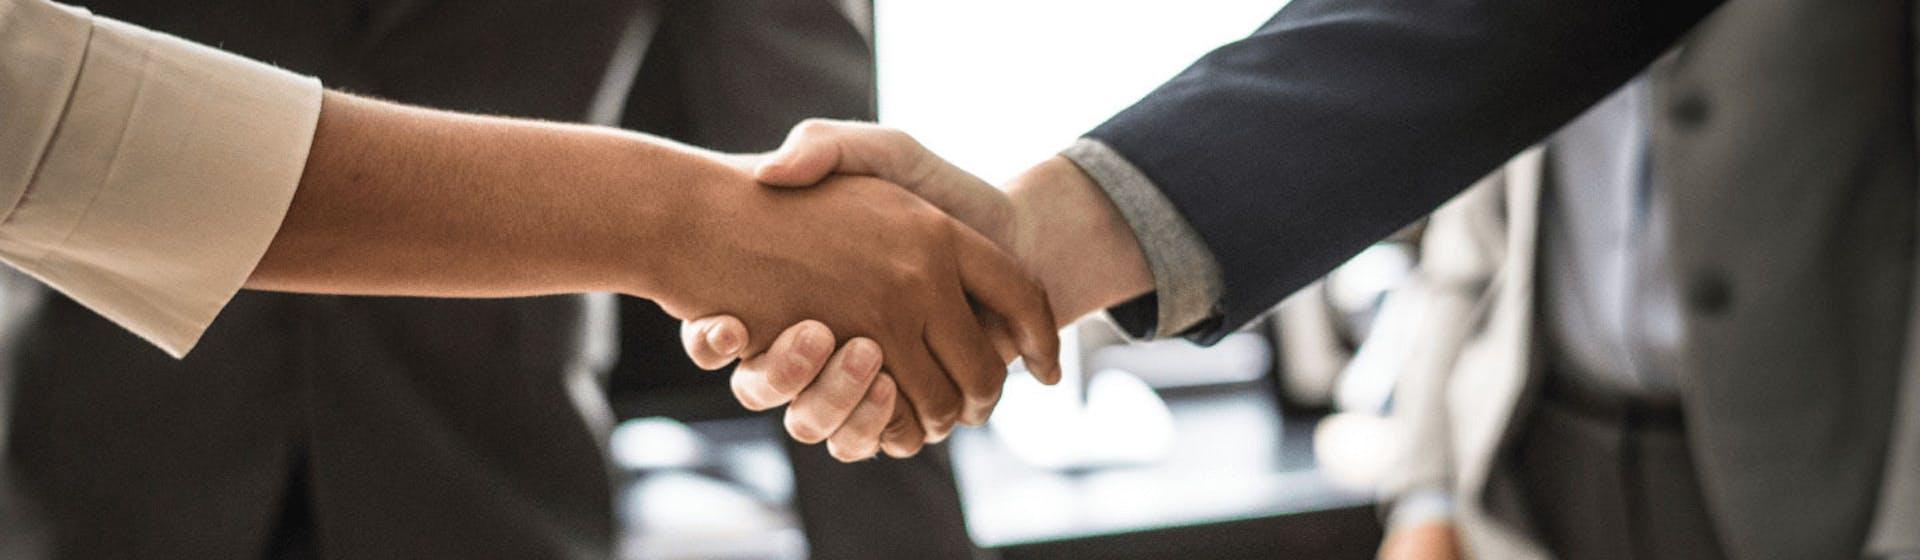 ¿Qué es la negociación ganar ganar? Logra un acuerdo confiable y fructífero